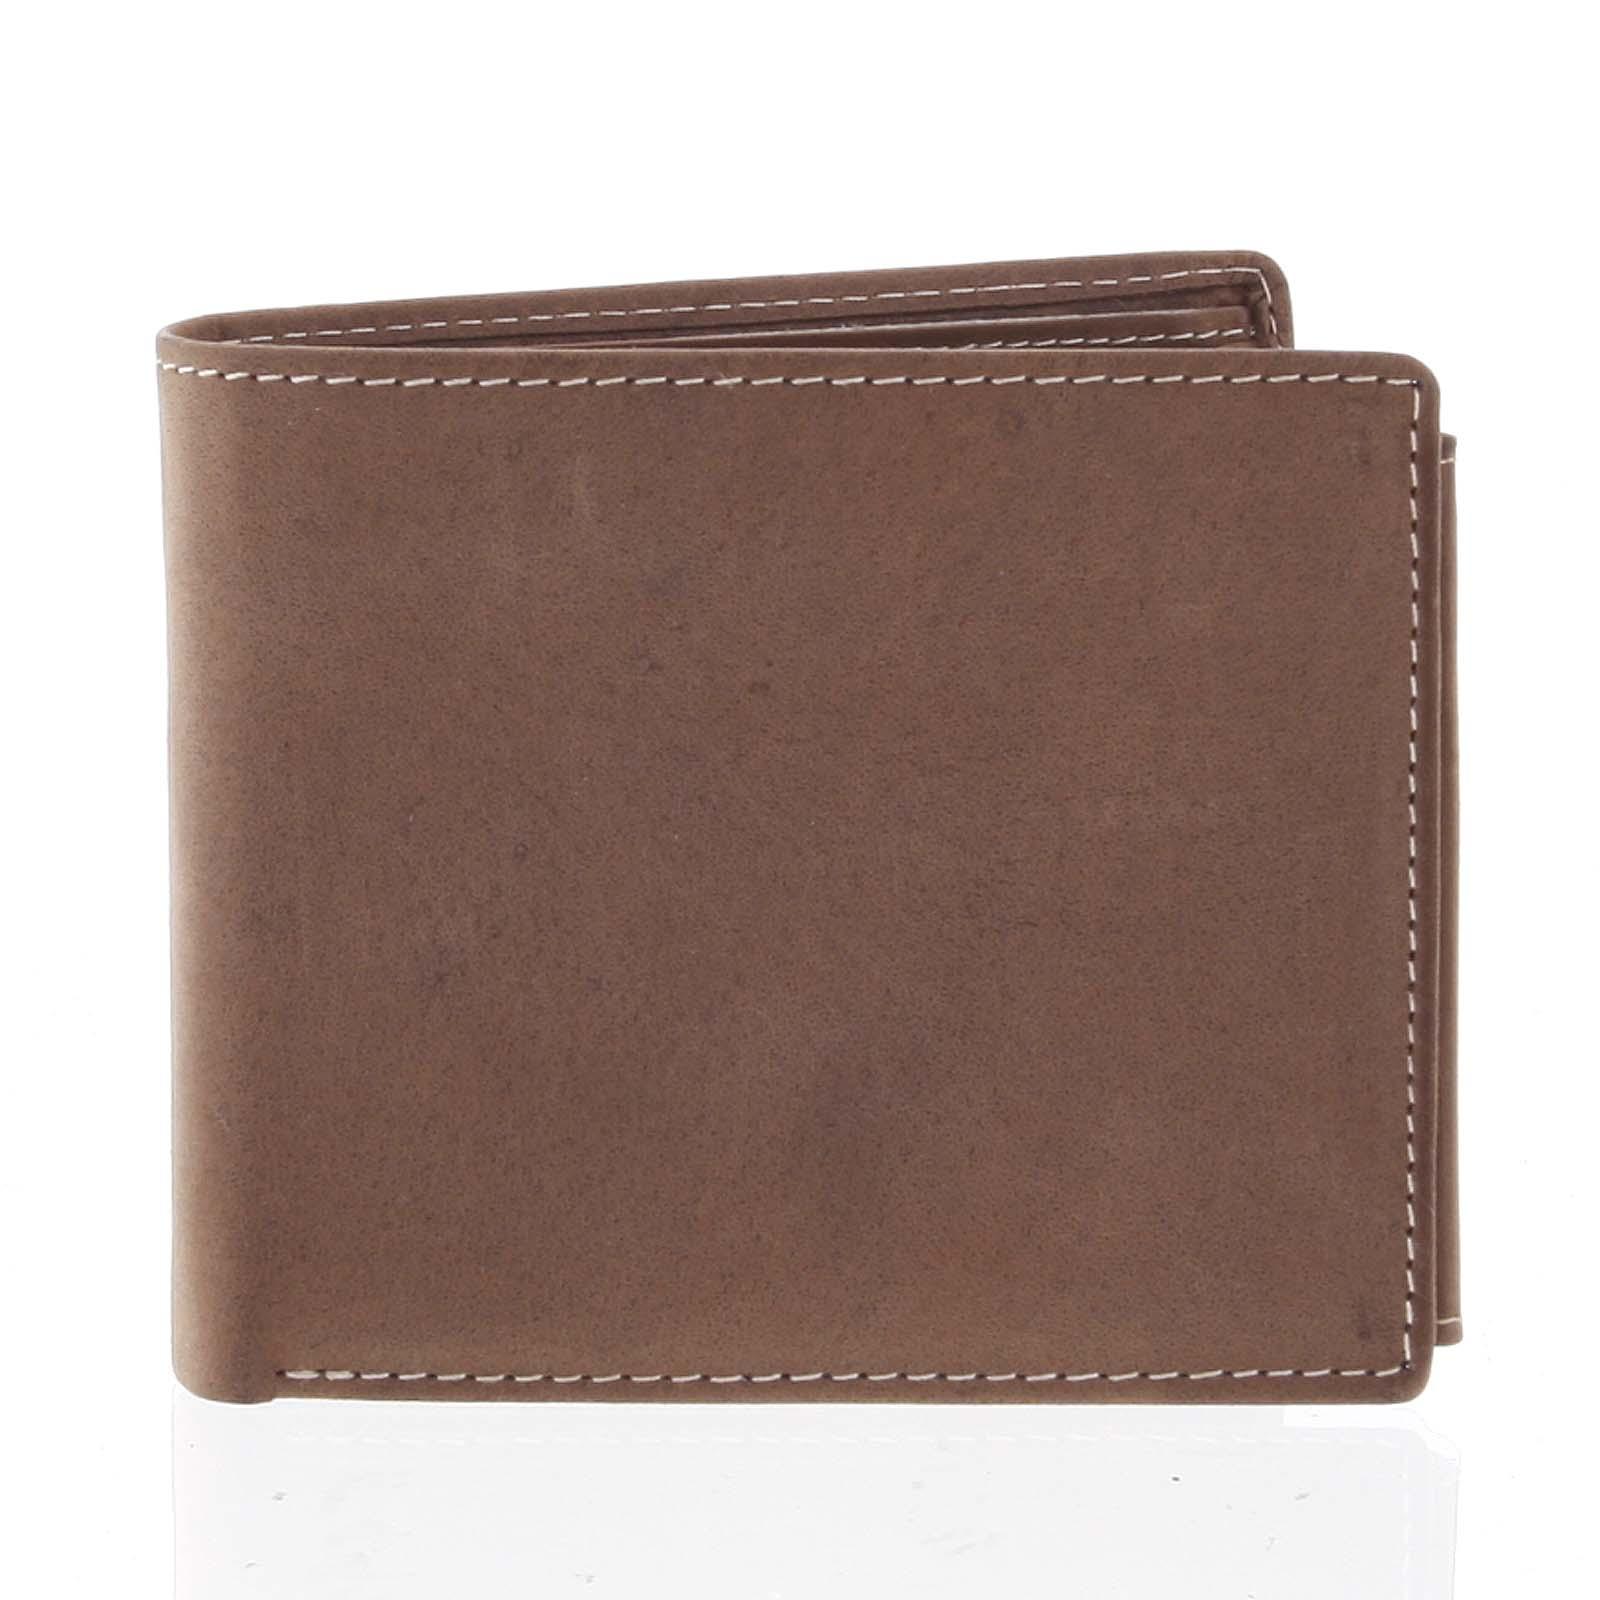 Prostorná pánská kožená hnědá peněženka - Tomas Vilaj